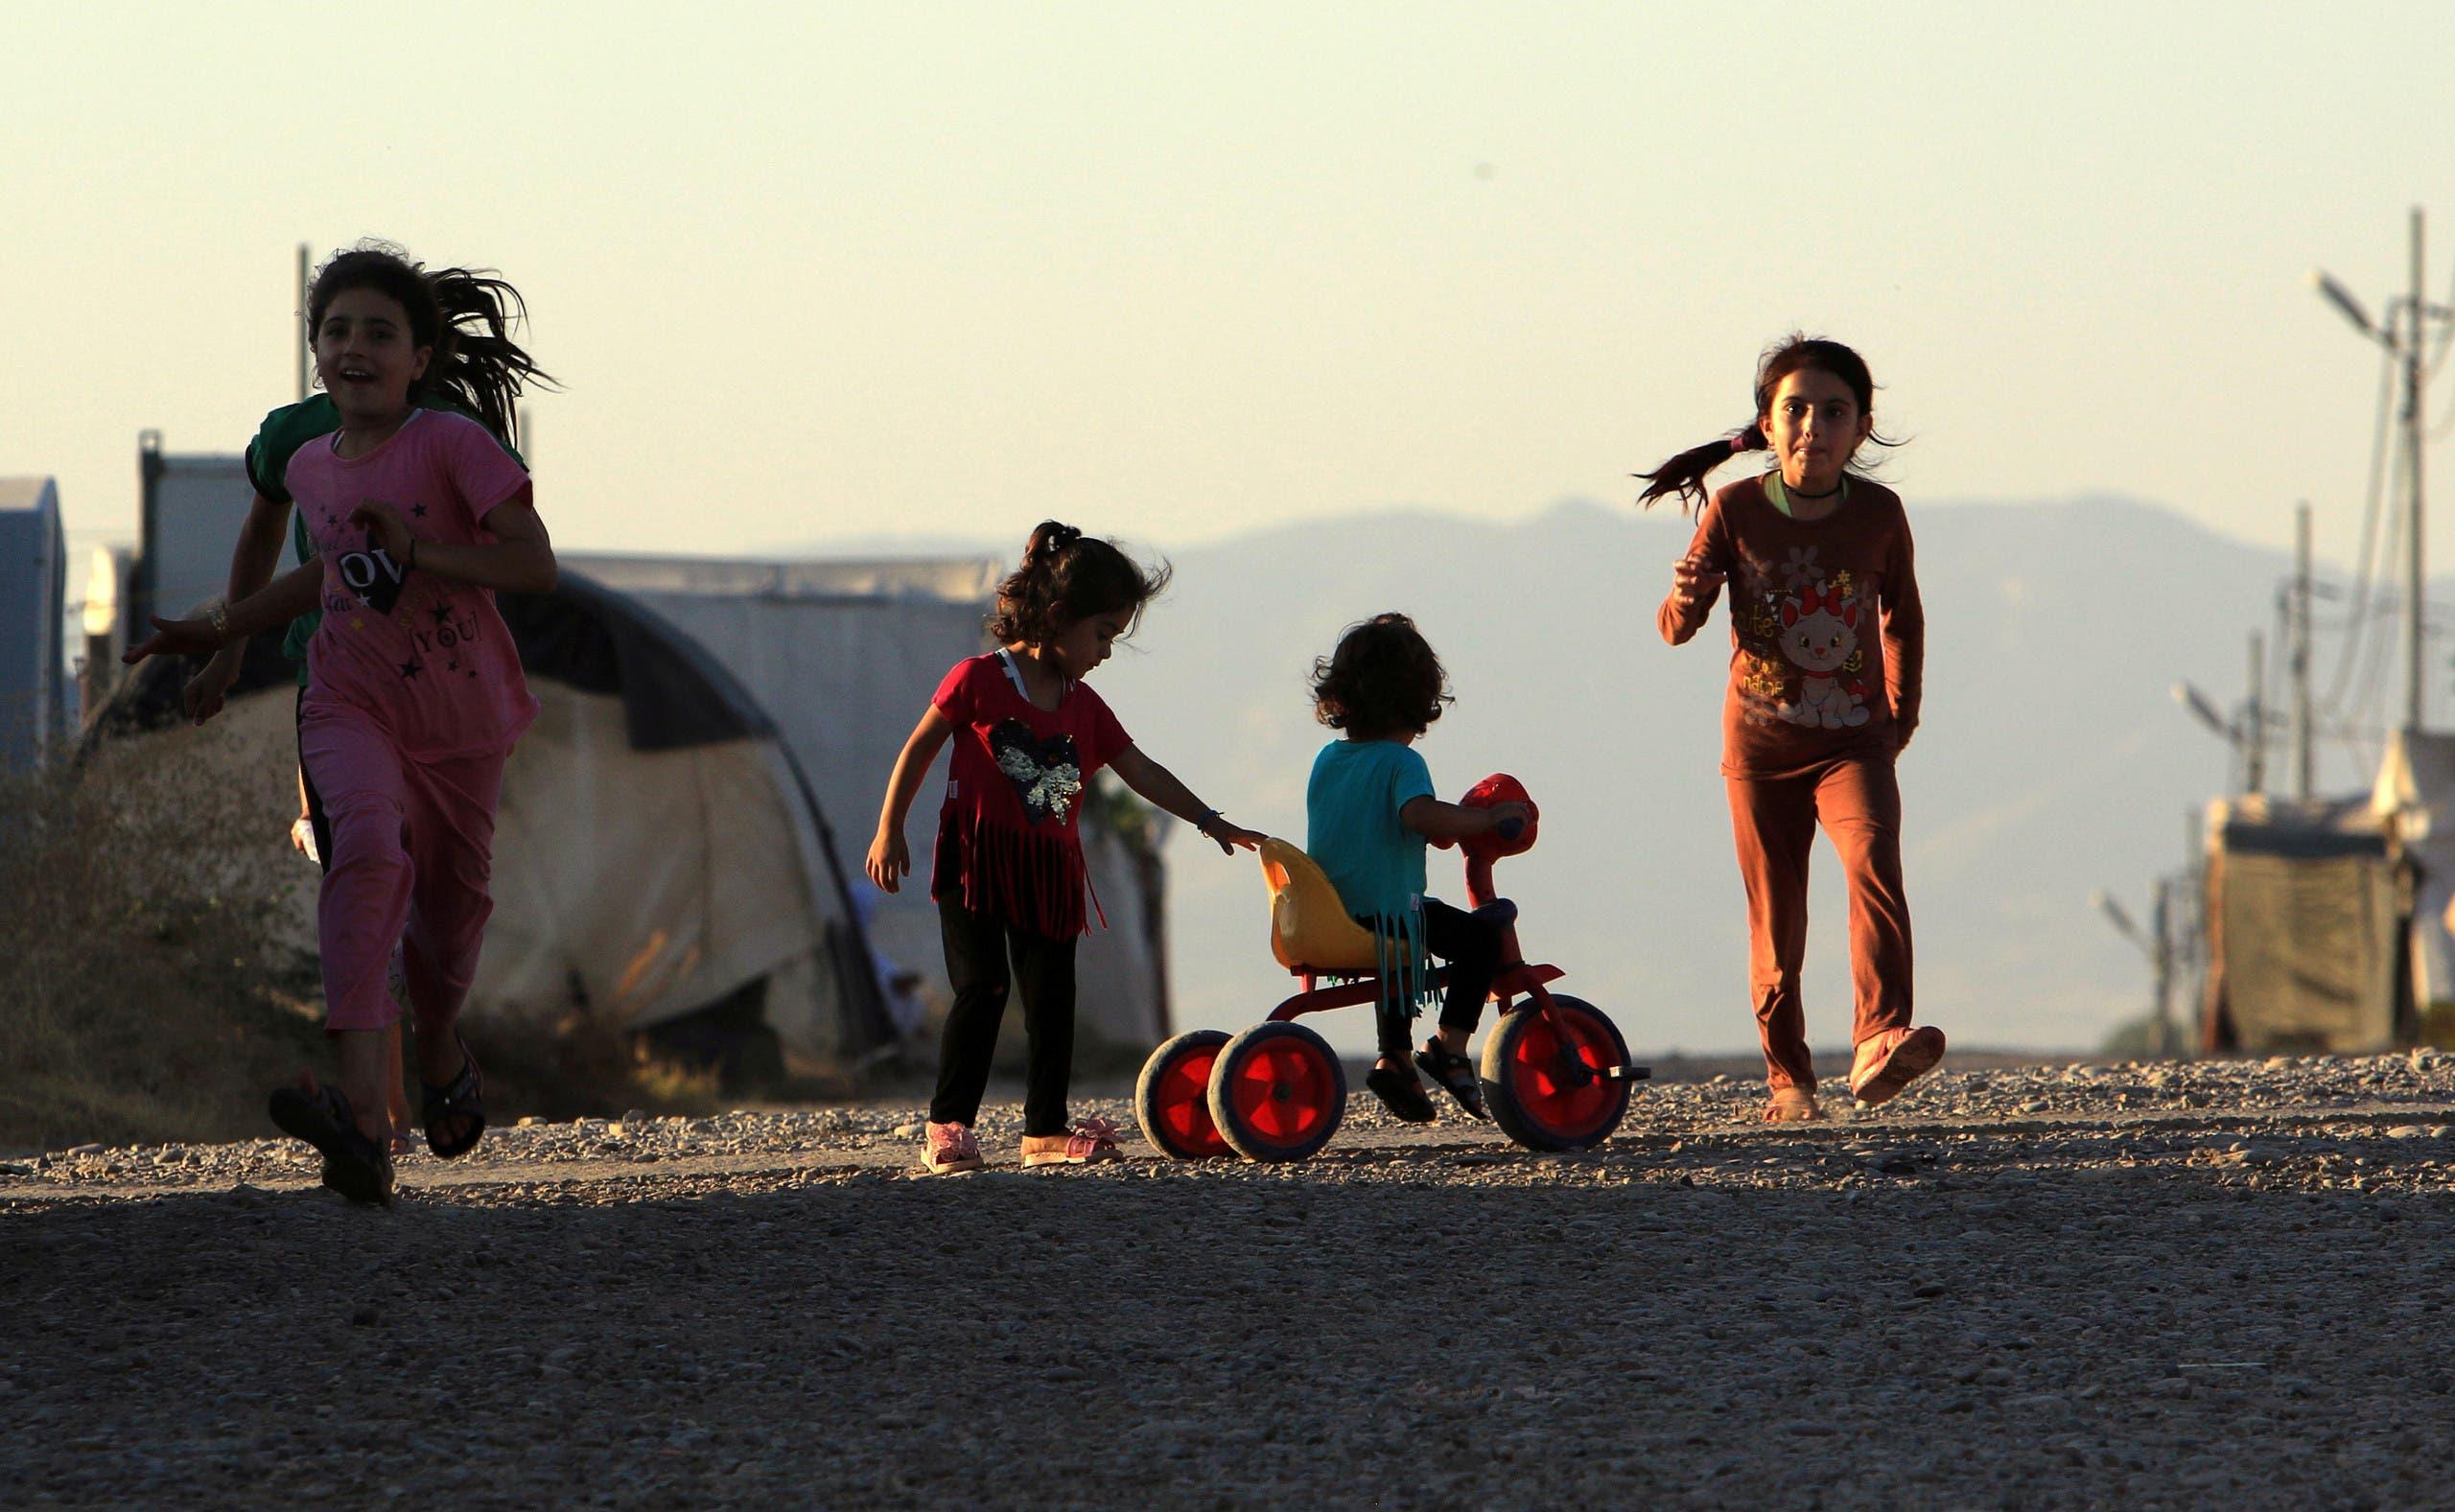 مخيم للنازحين في دهوك يأوي سكانا هربوا من سنجار (أرشيفية)